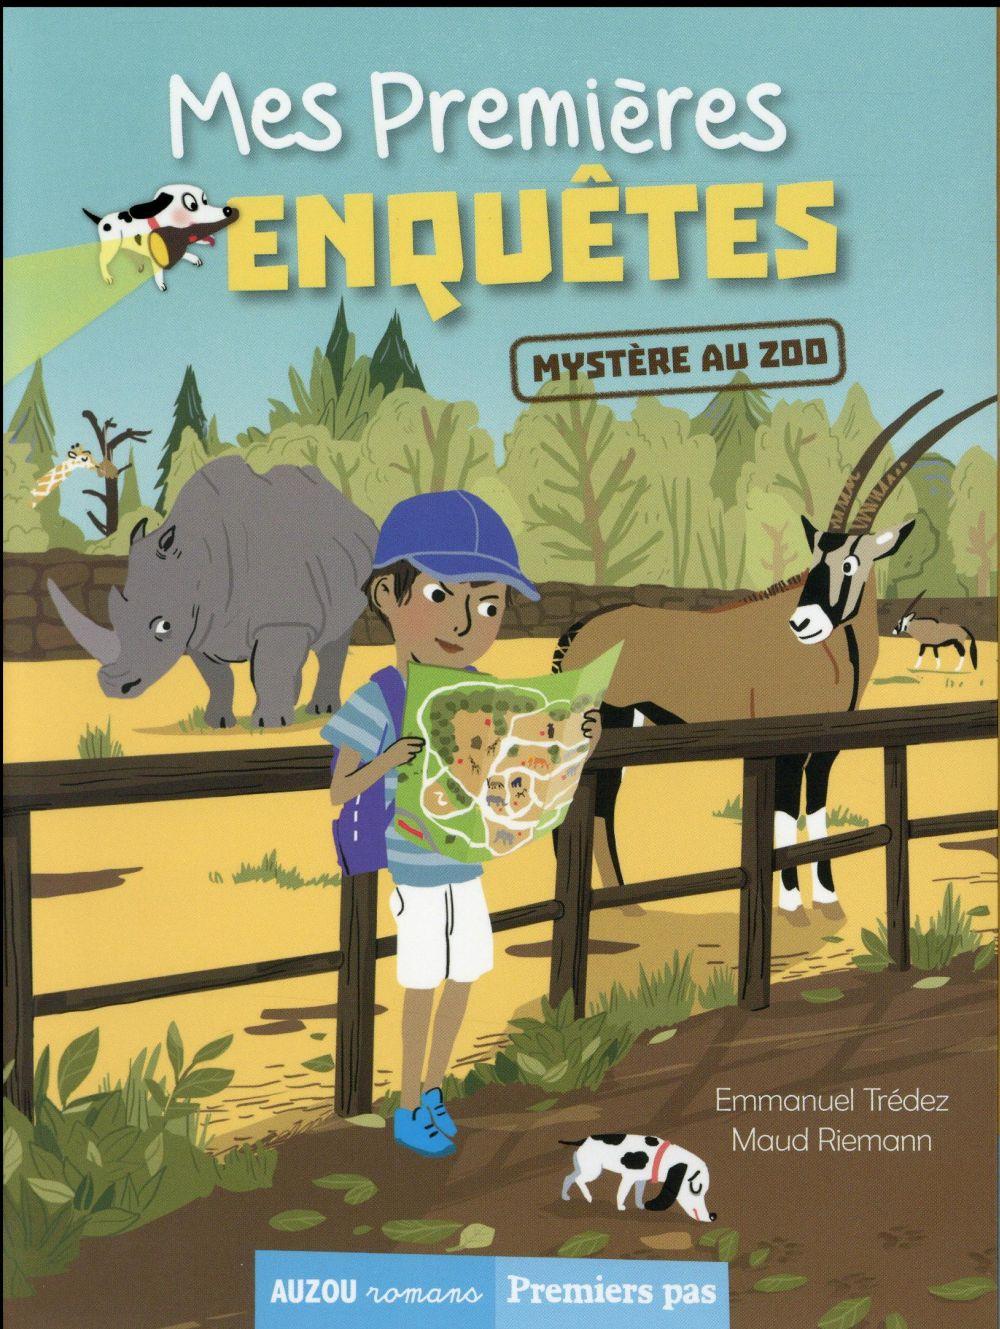 MES PREMIERES ENQUETES - TOME 2 - MYSTERE AU ZOO Trédez Emmanuel Auzou